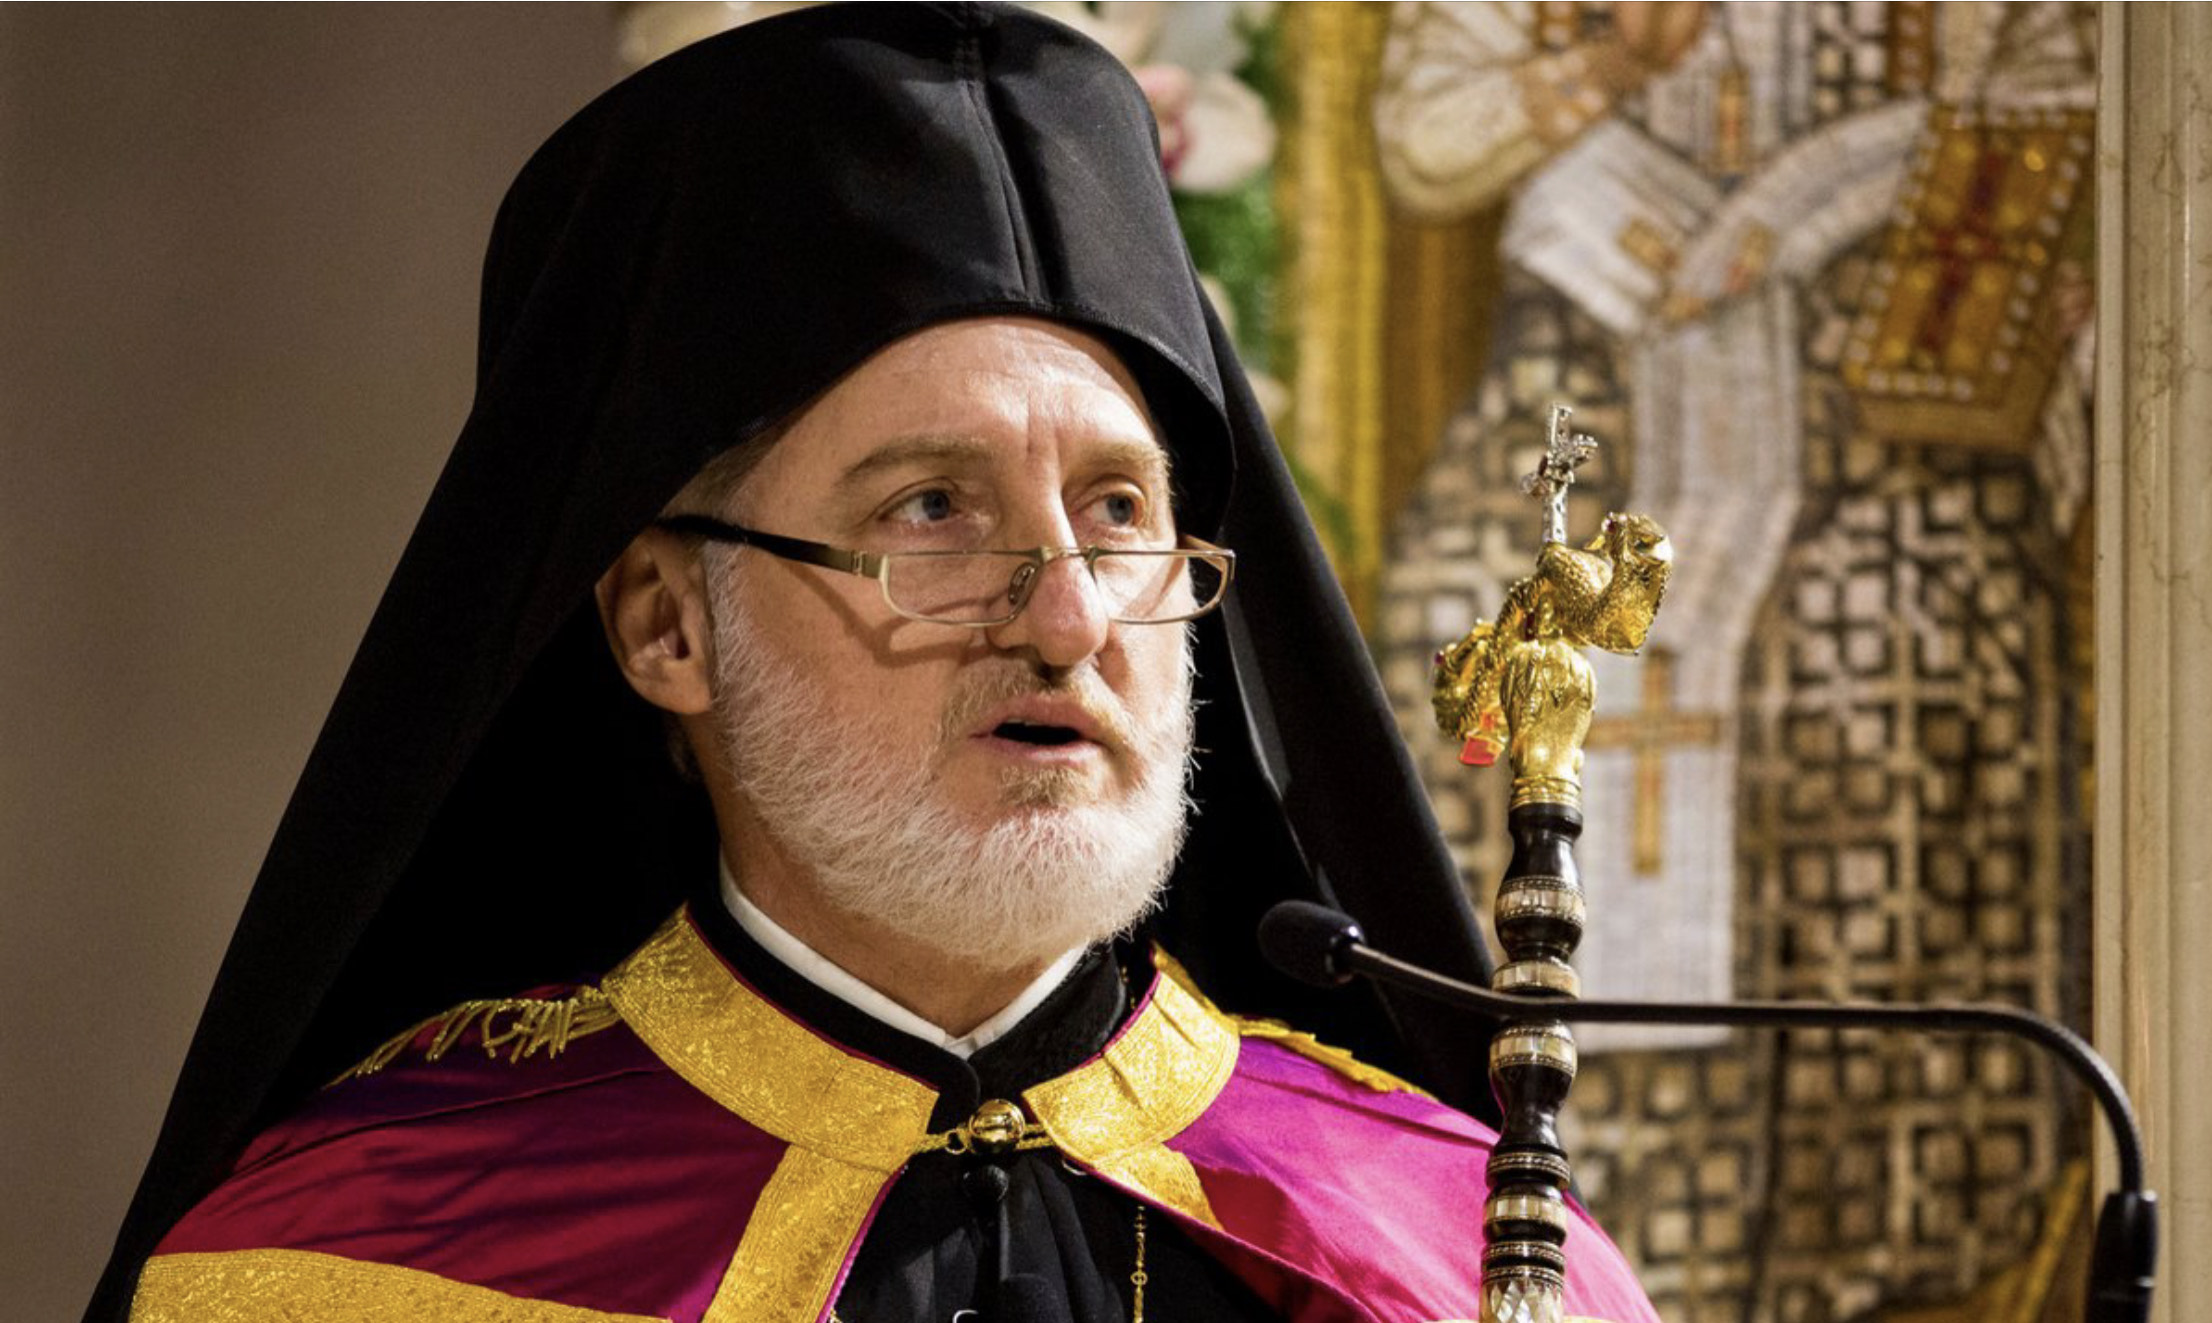 Περί του Αρχιεπισκόπου Αμερικής Ελπιδοφόρου